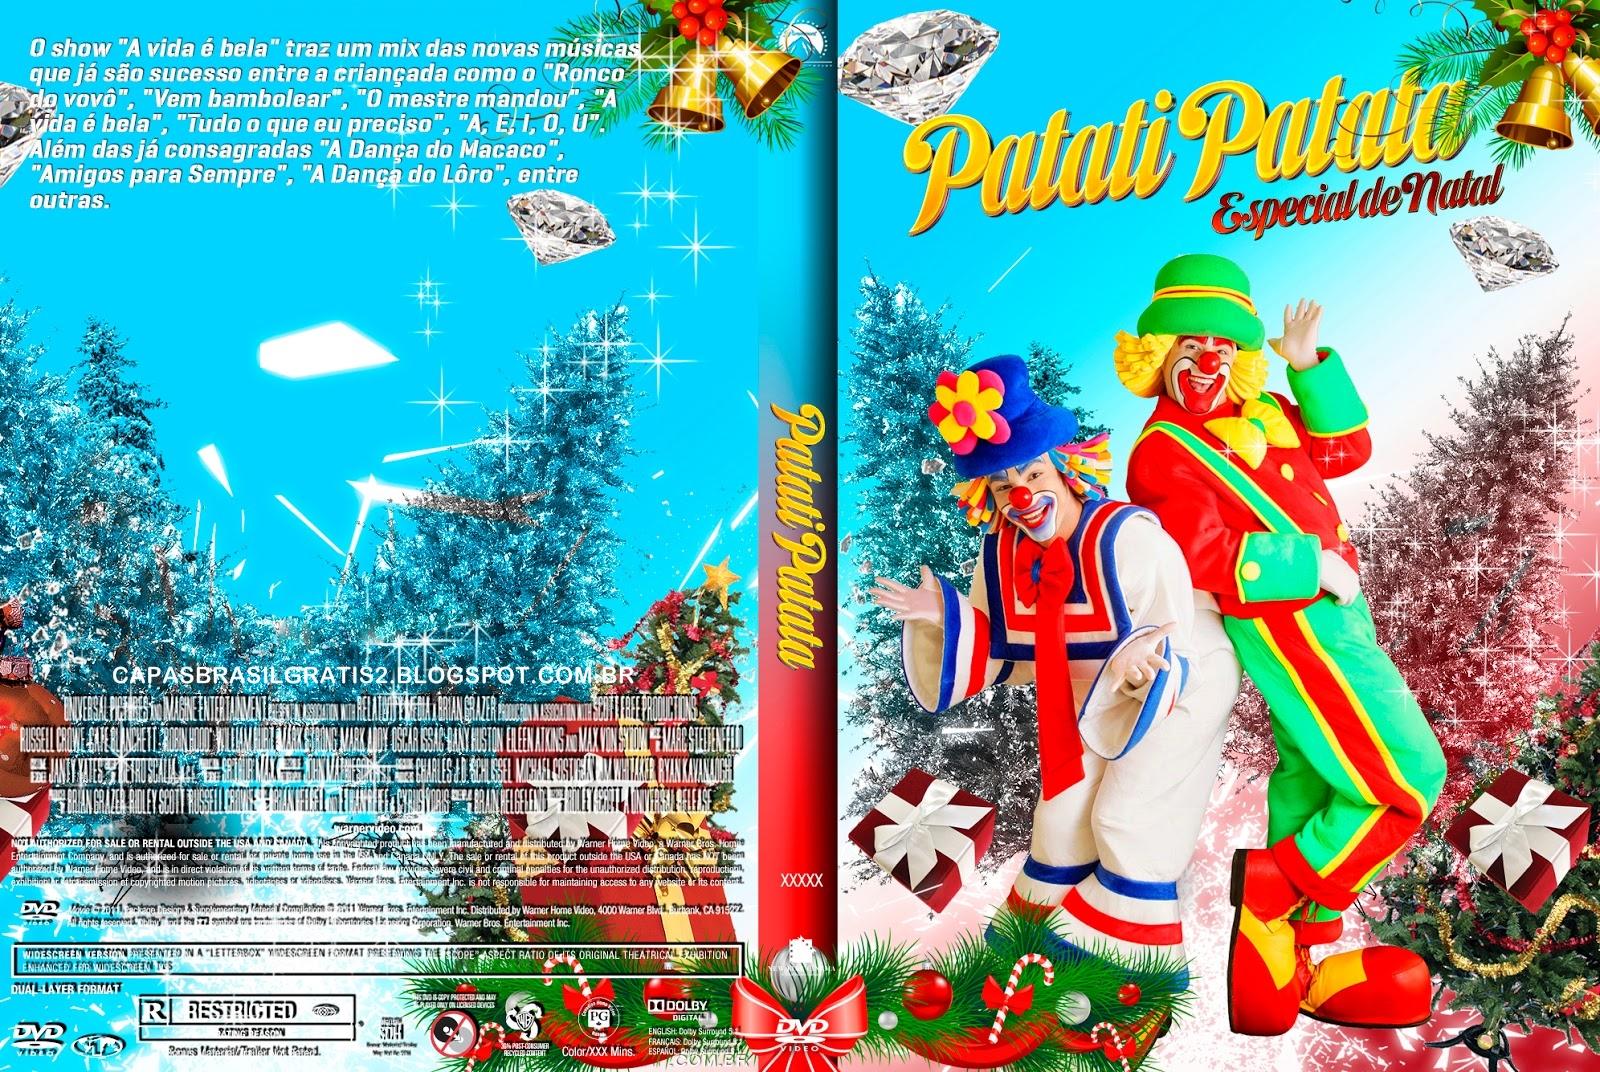 Download Patati Patata Especial De Natal 2015 DVD-R Patati 2BPatata 2BEspecial 2BDe 2BNatal 2B2015